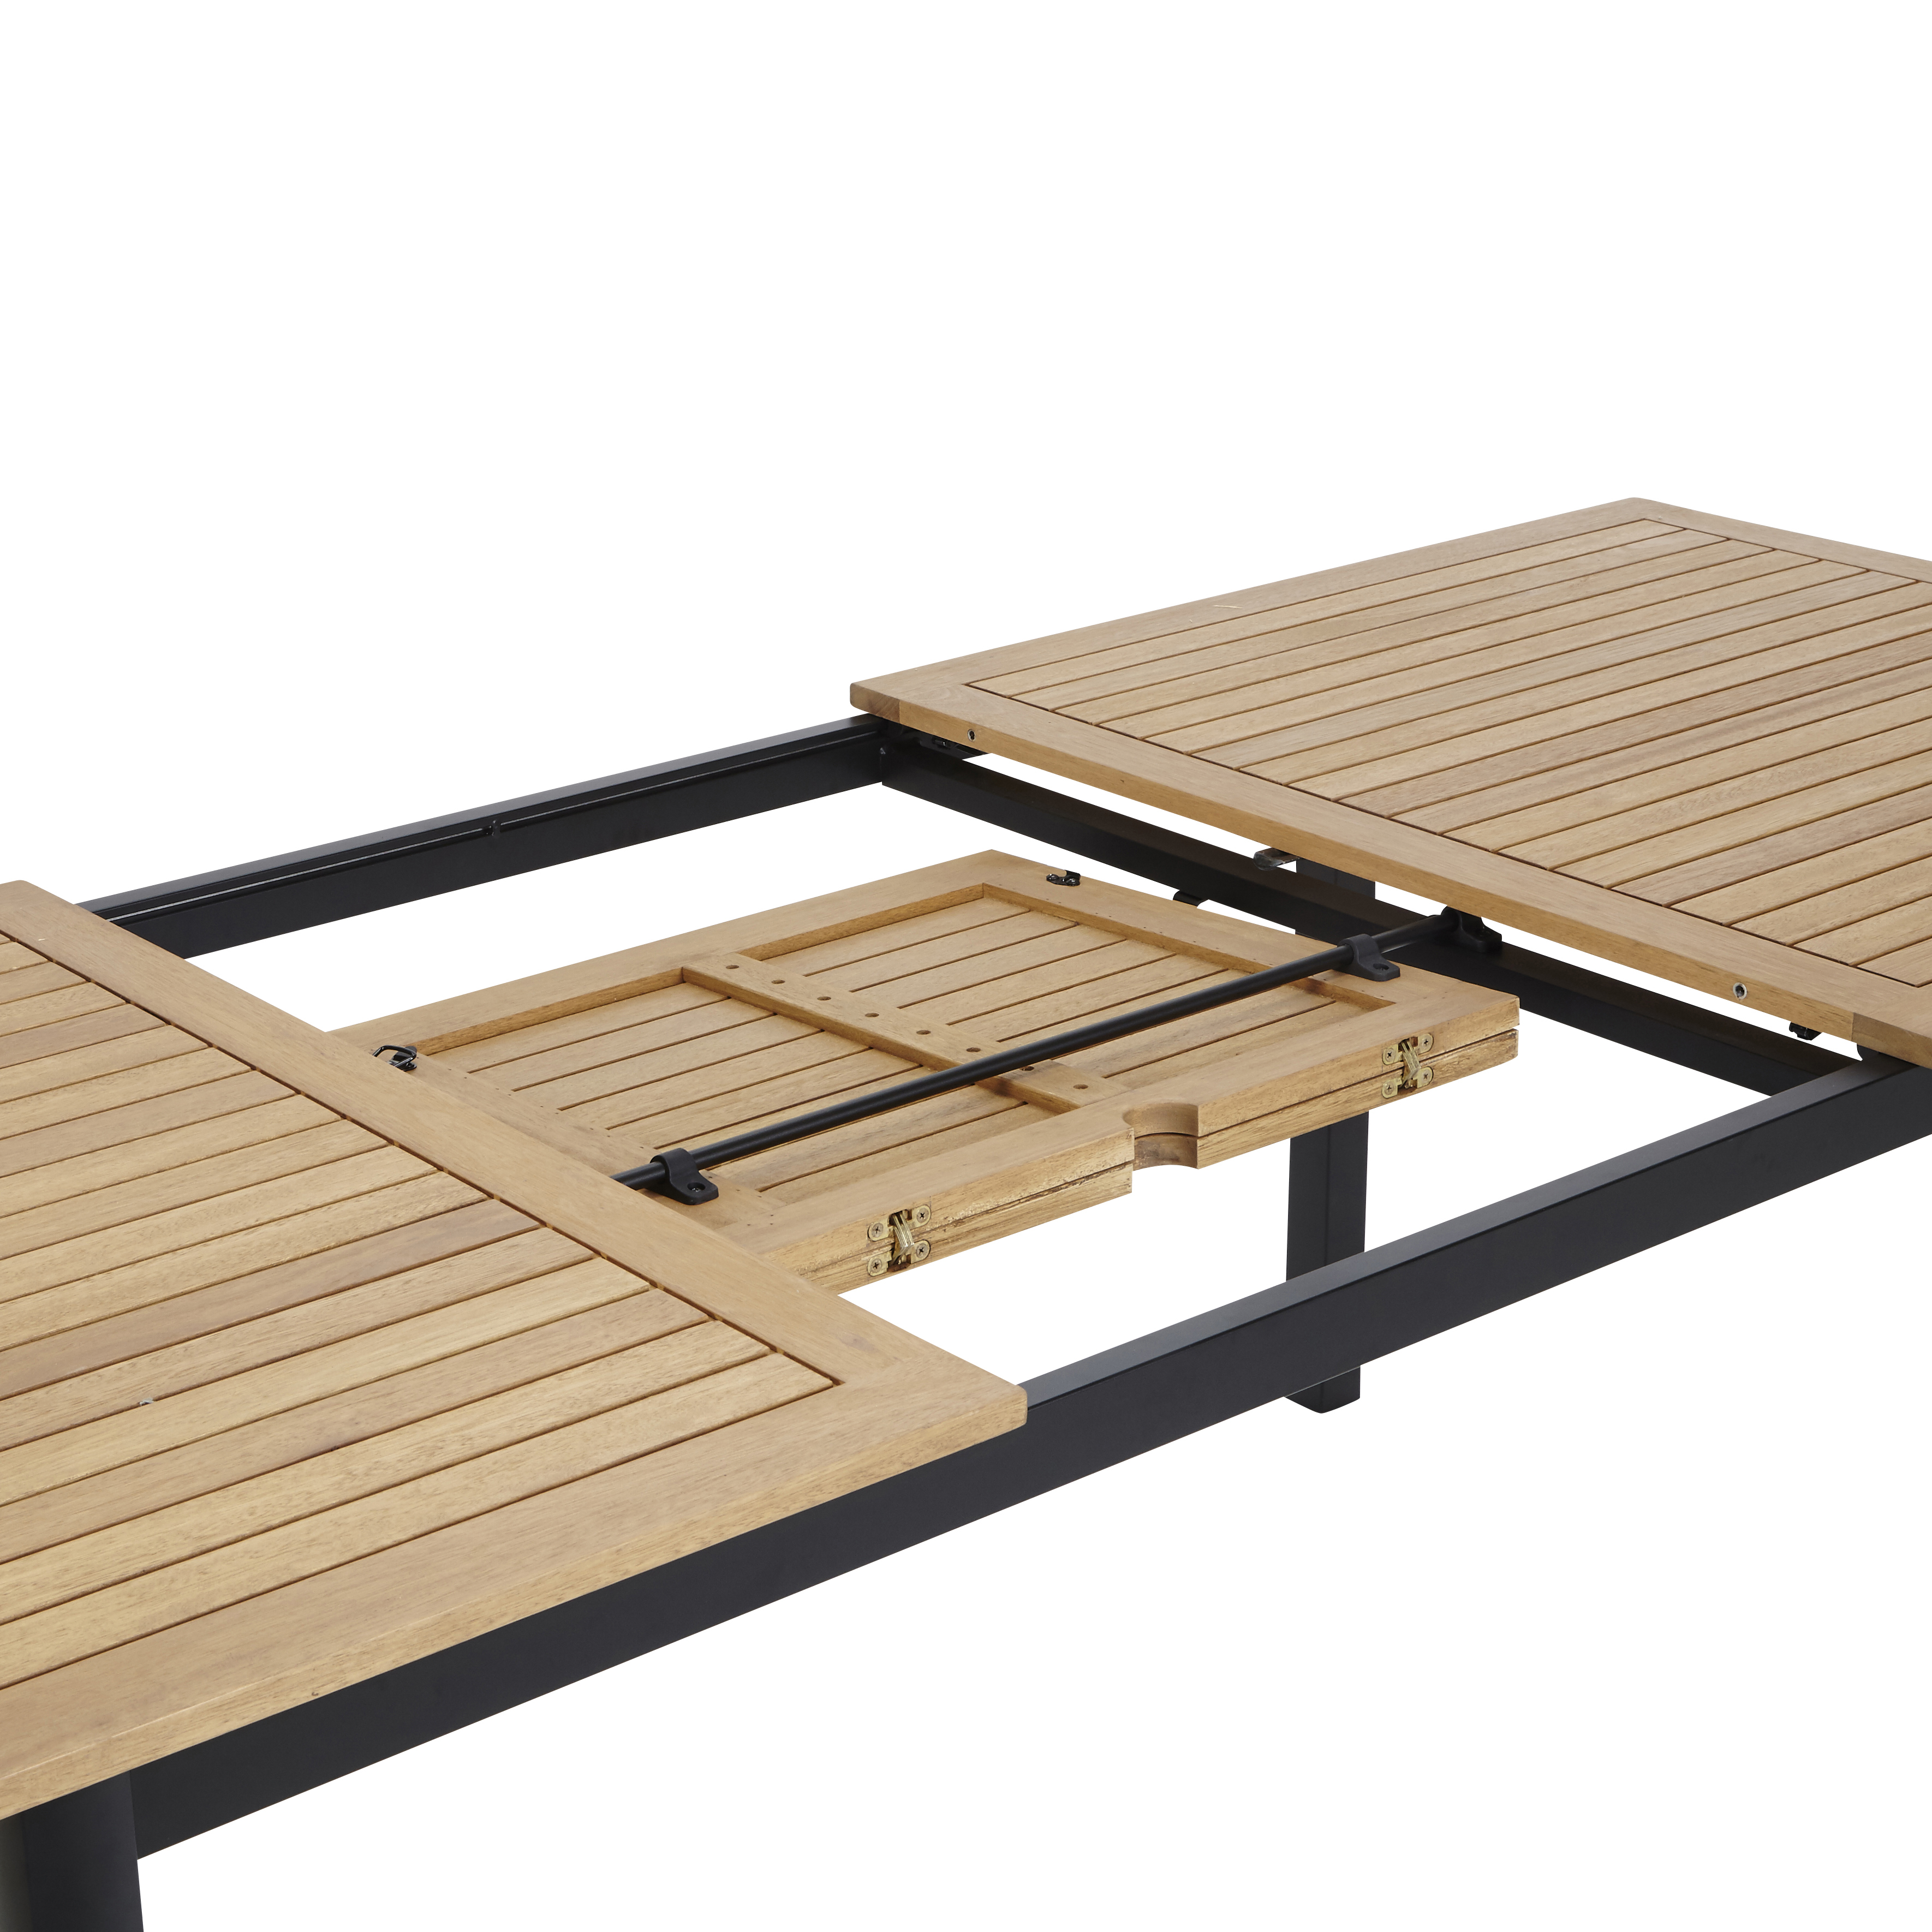 CARREFOUR - Table de jardin extensible Louga - pas cher Achat ...